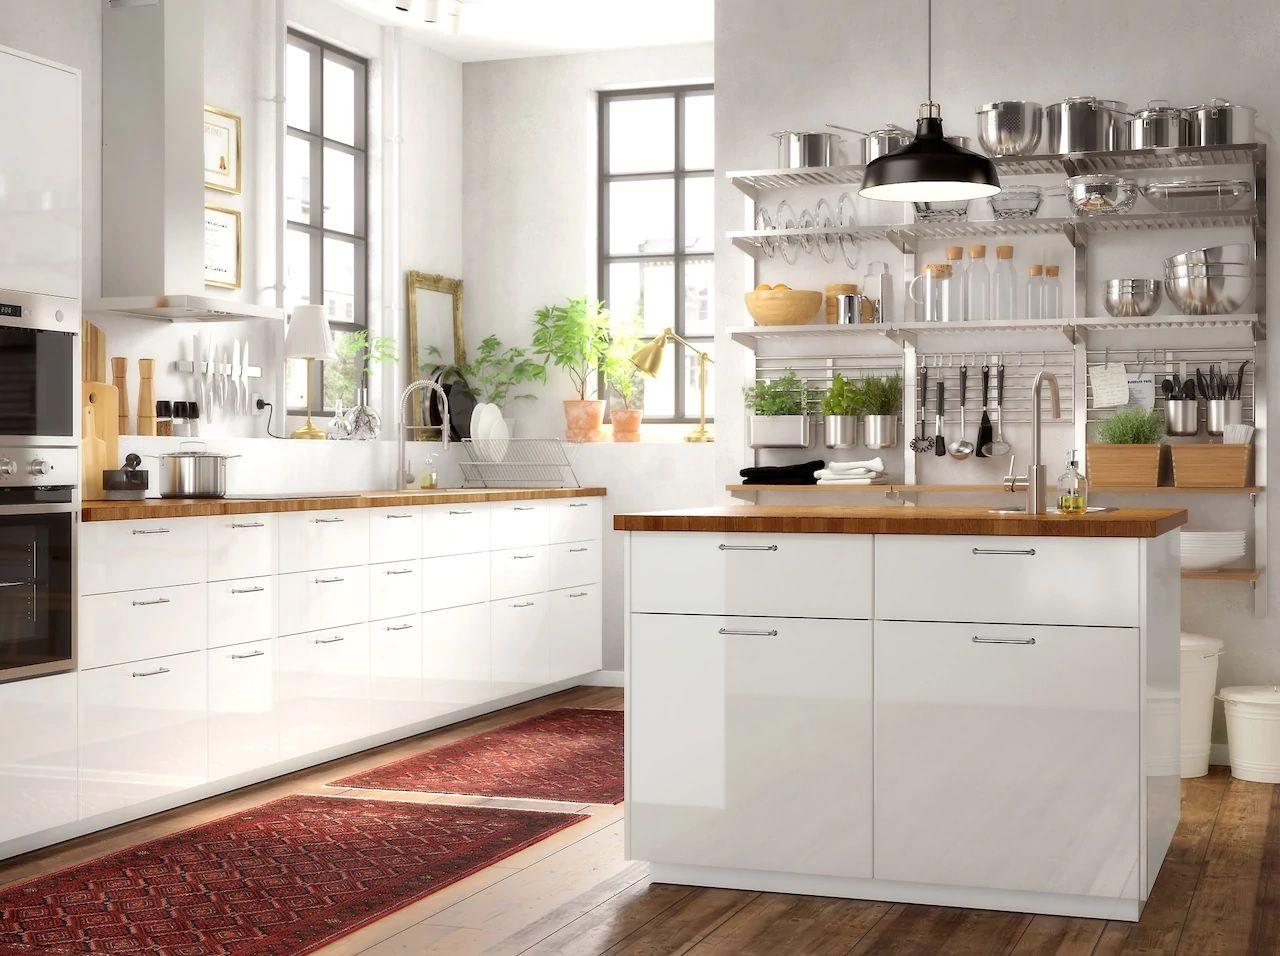 Las nuevas cocinas del catálogo Ikea 2018: ¡Para copiar